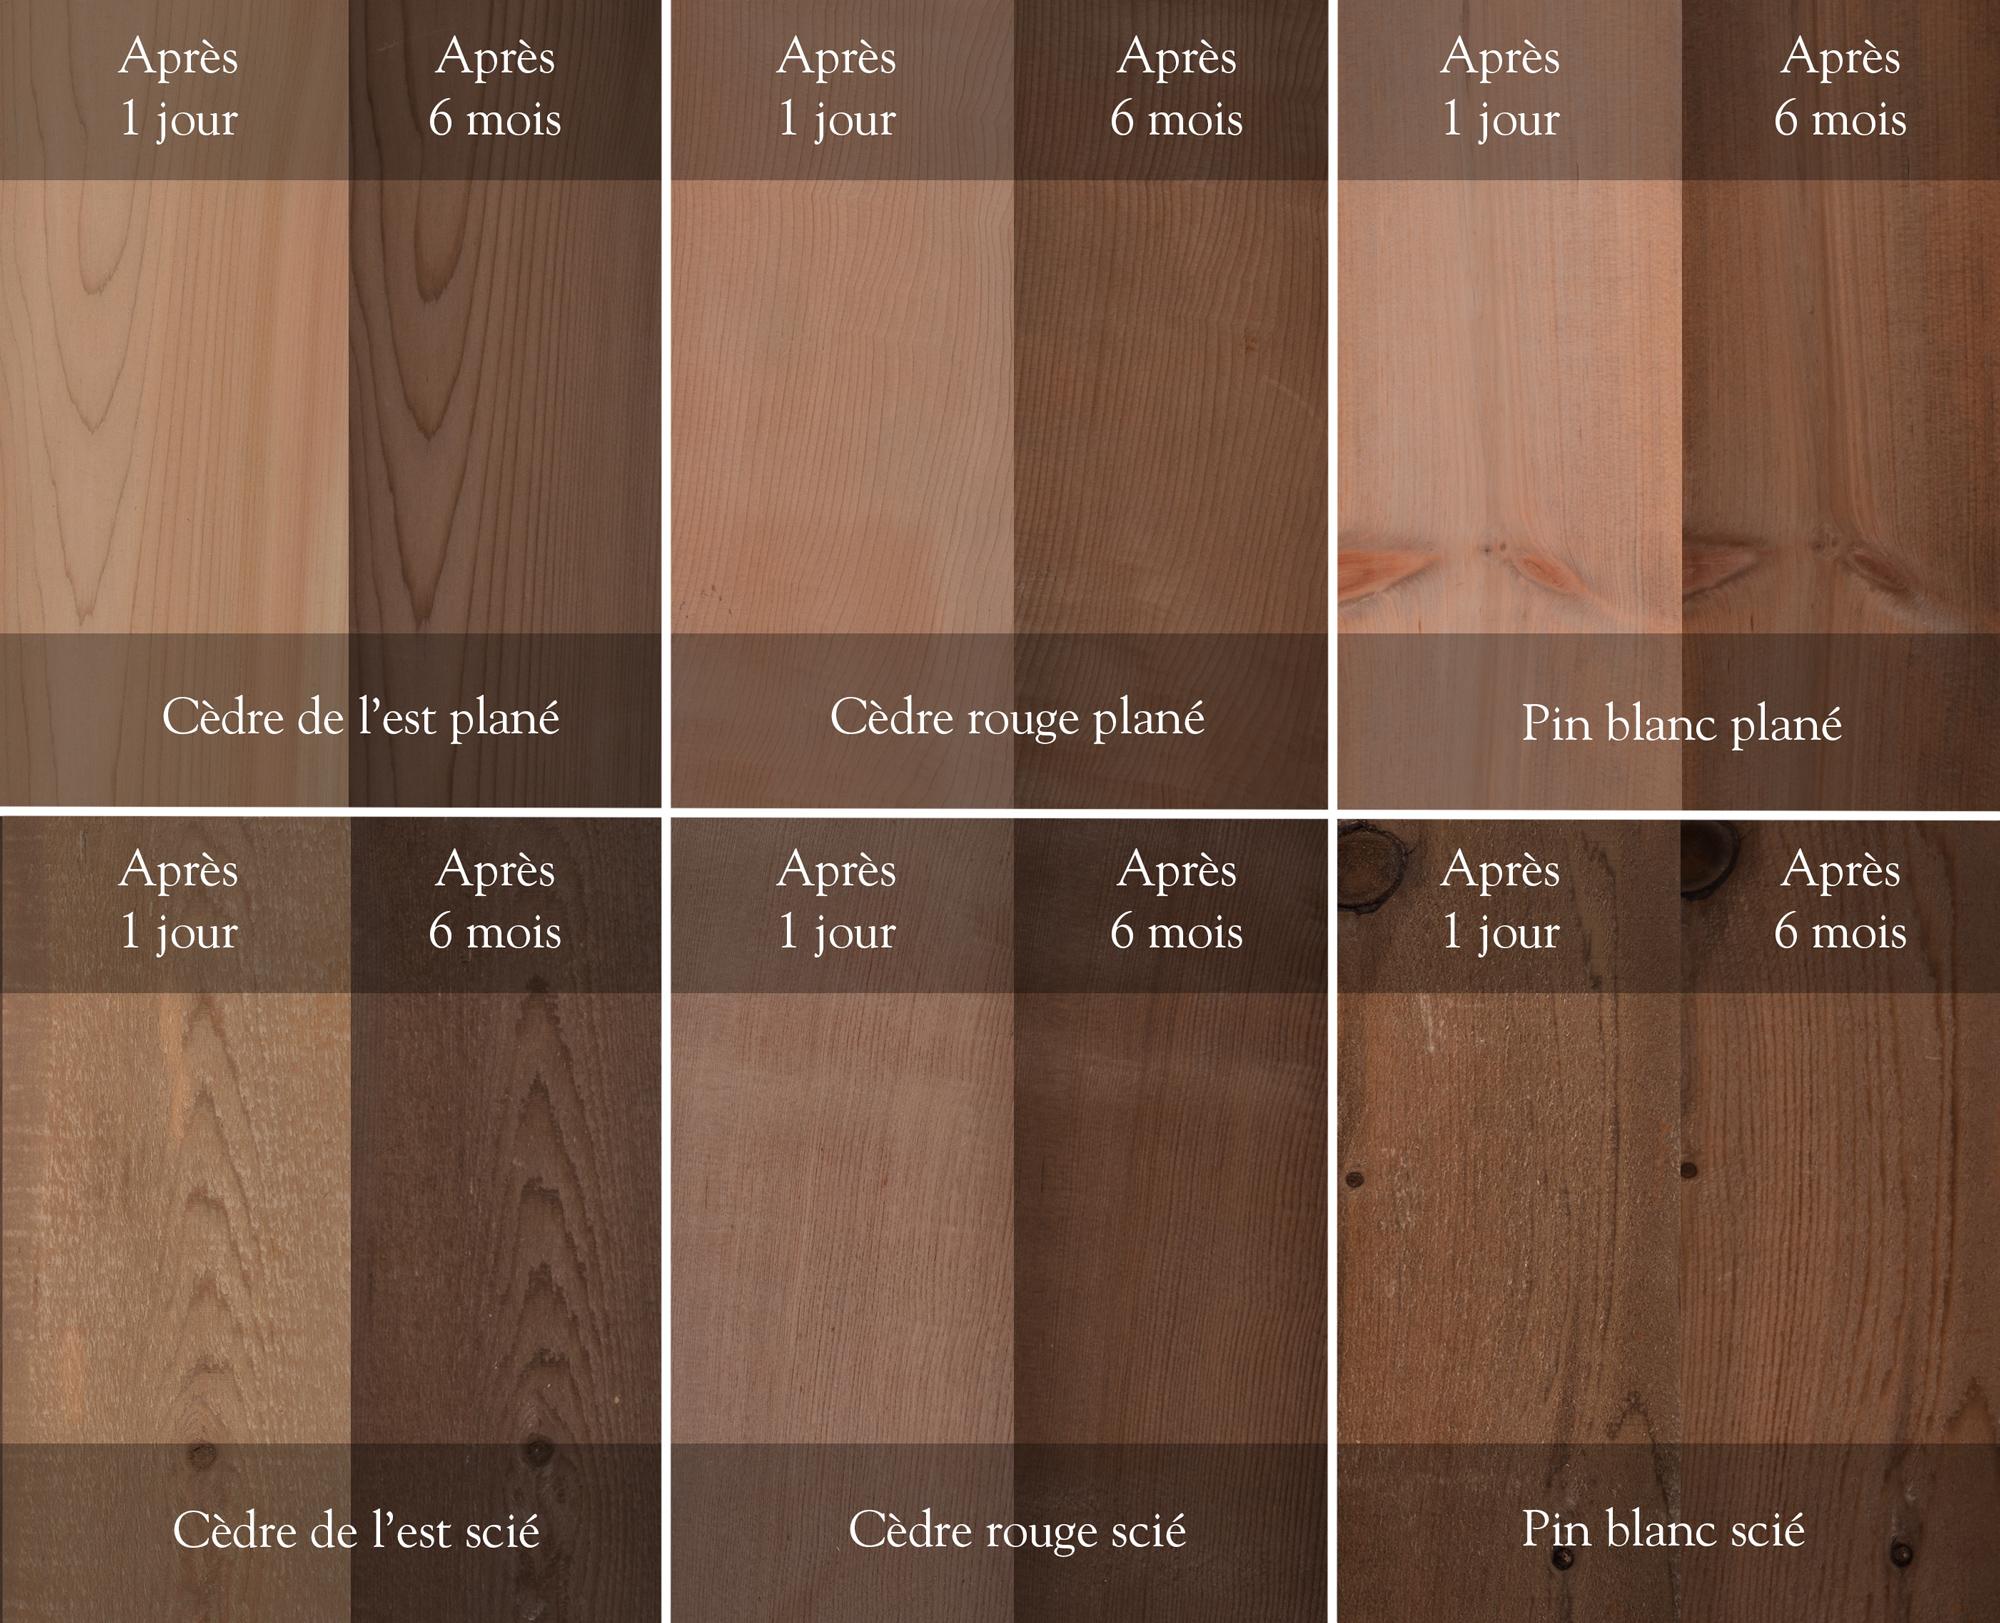 LifeTime  Traitement pour bois  LifeTime traitement pour bois